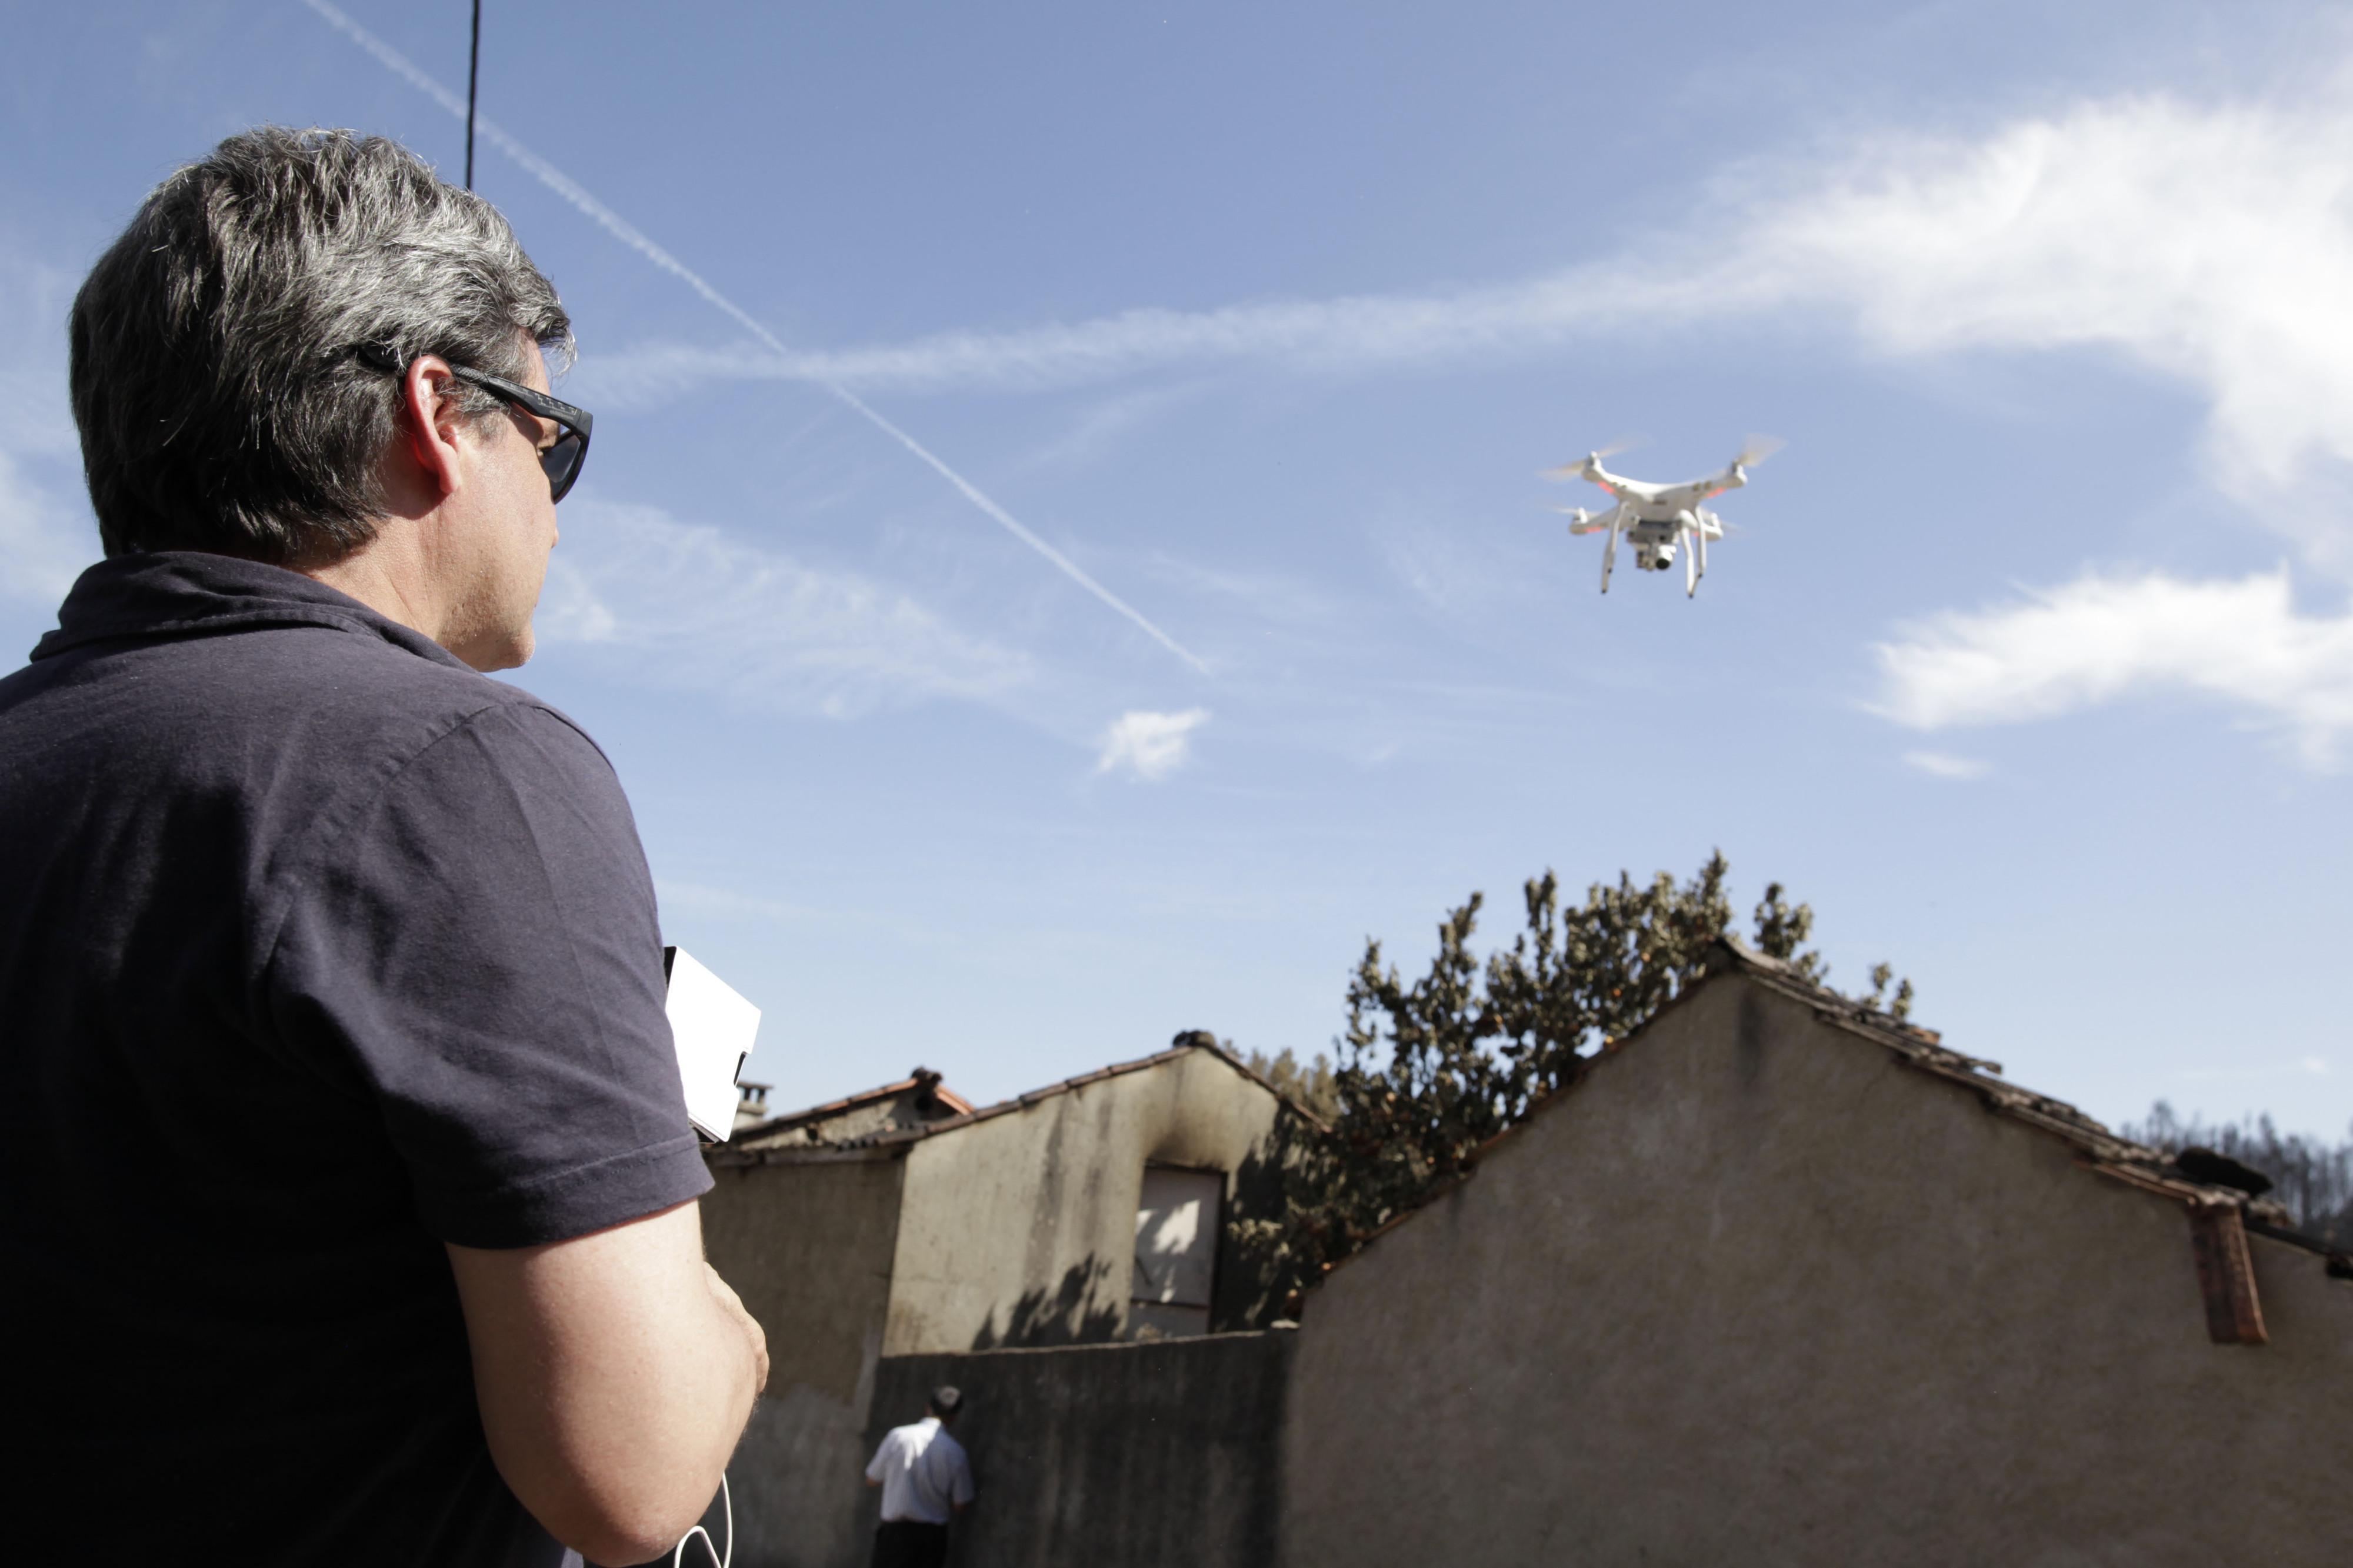 Drones mais perigosos para aeronaves do que aves, pilotos falam de potencial catastrófico